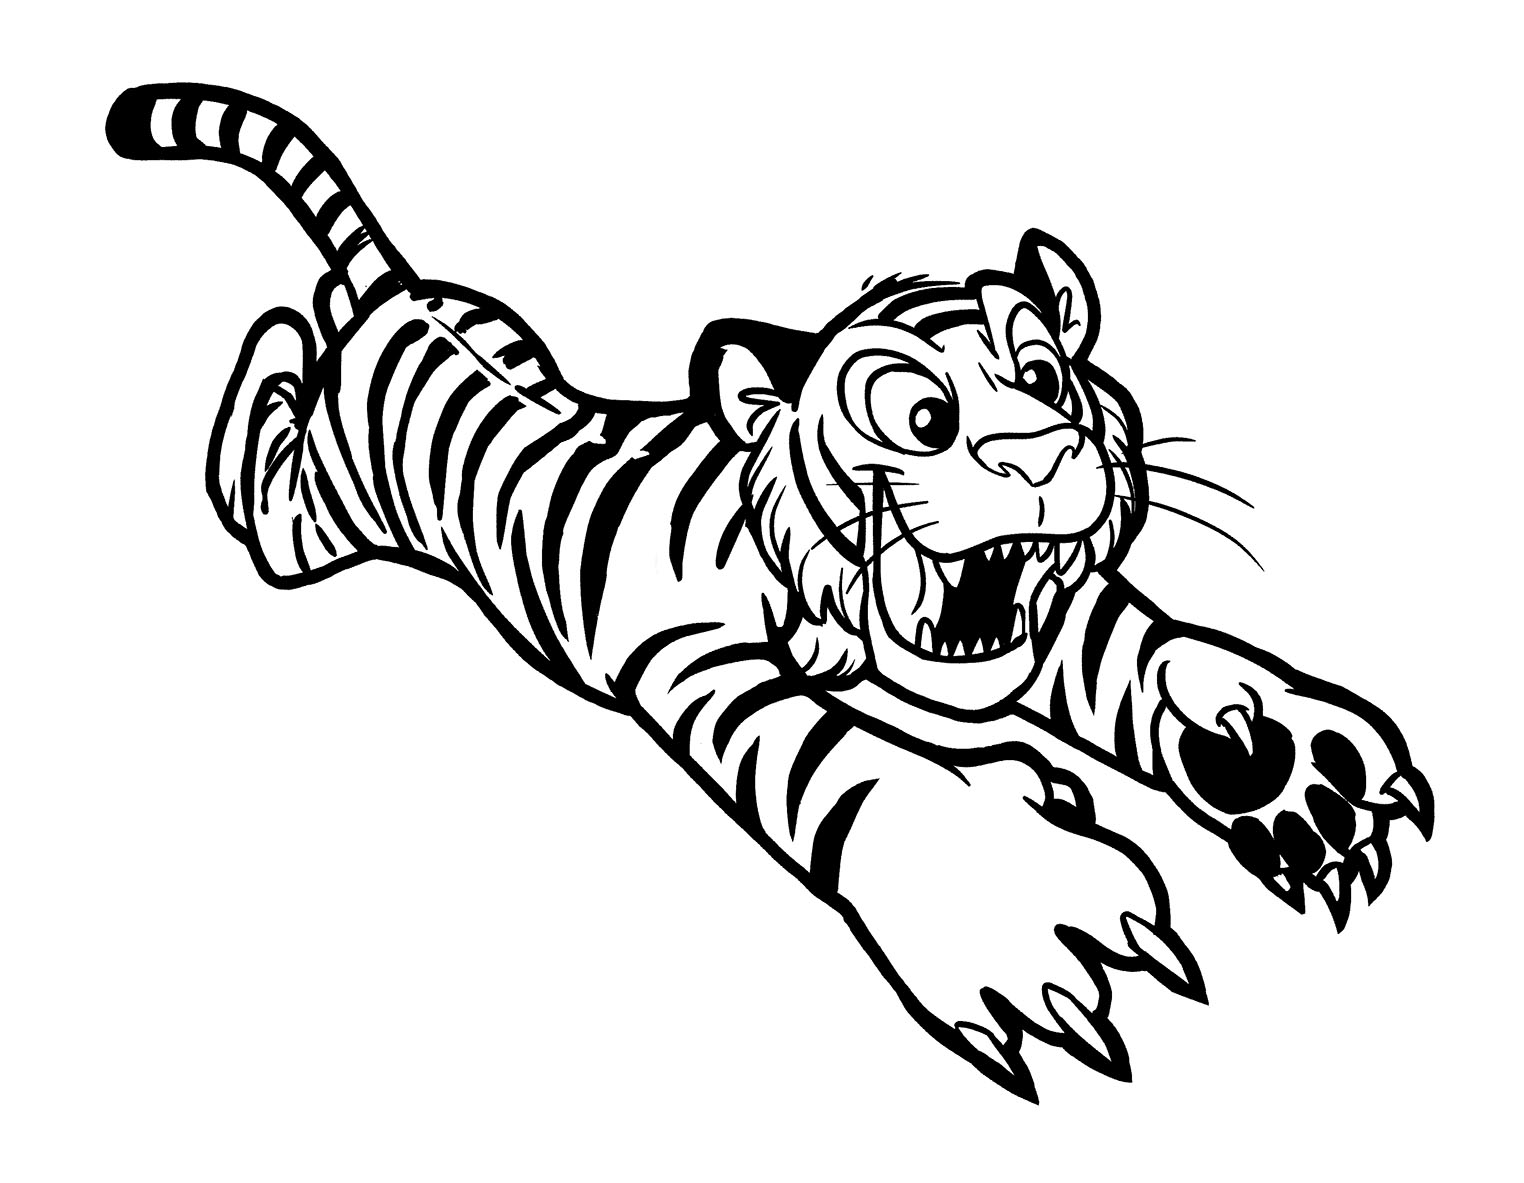 Tranh tô màu con hổ săn mồi